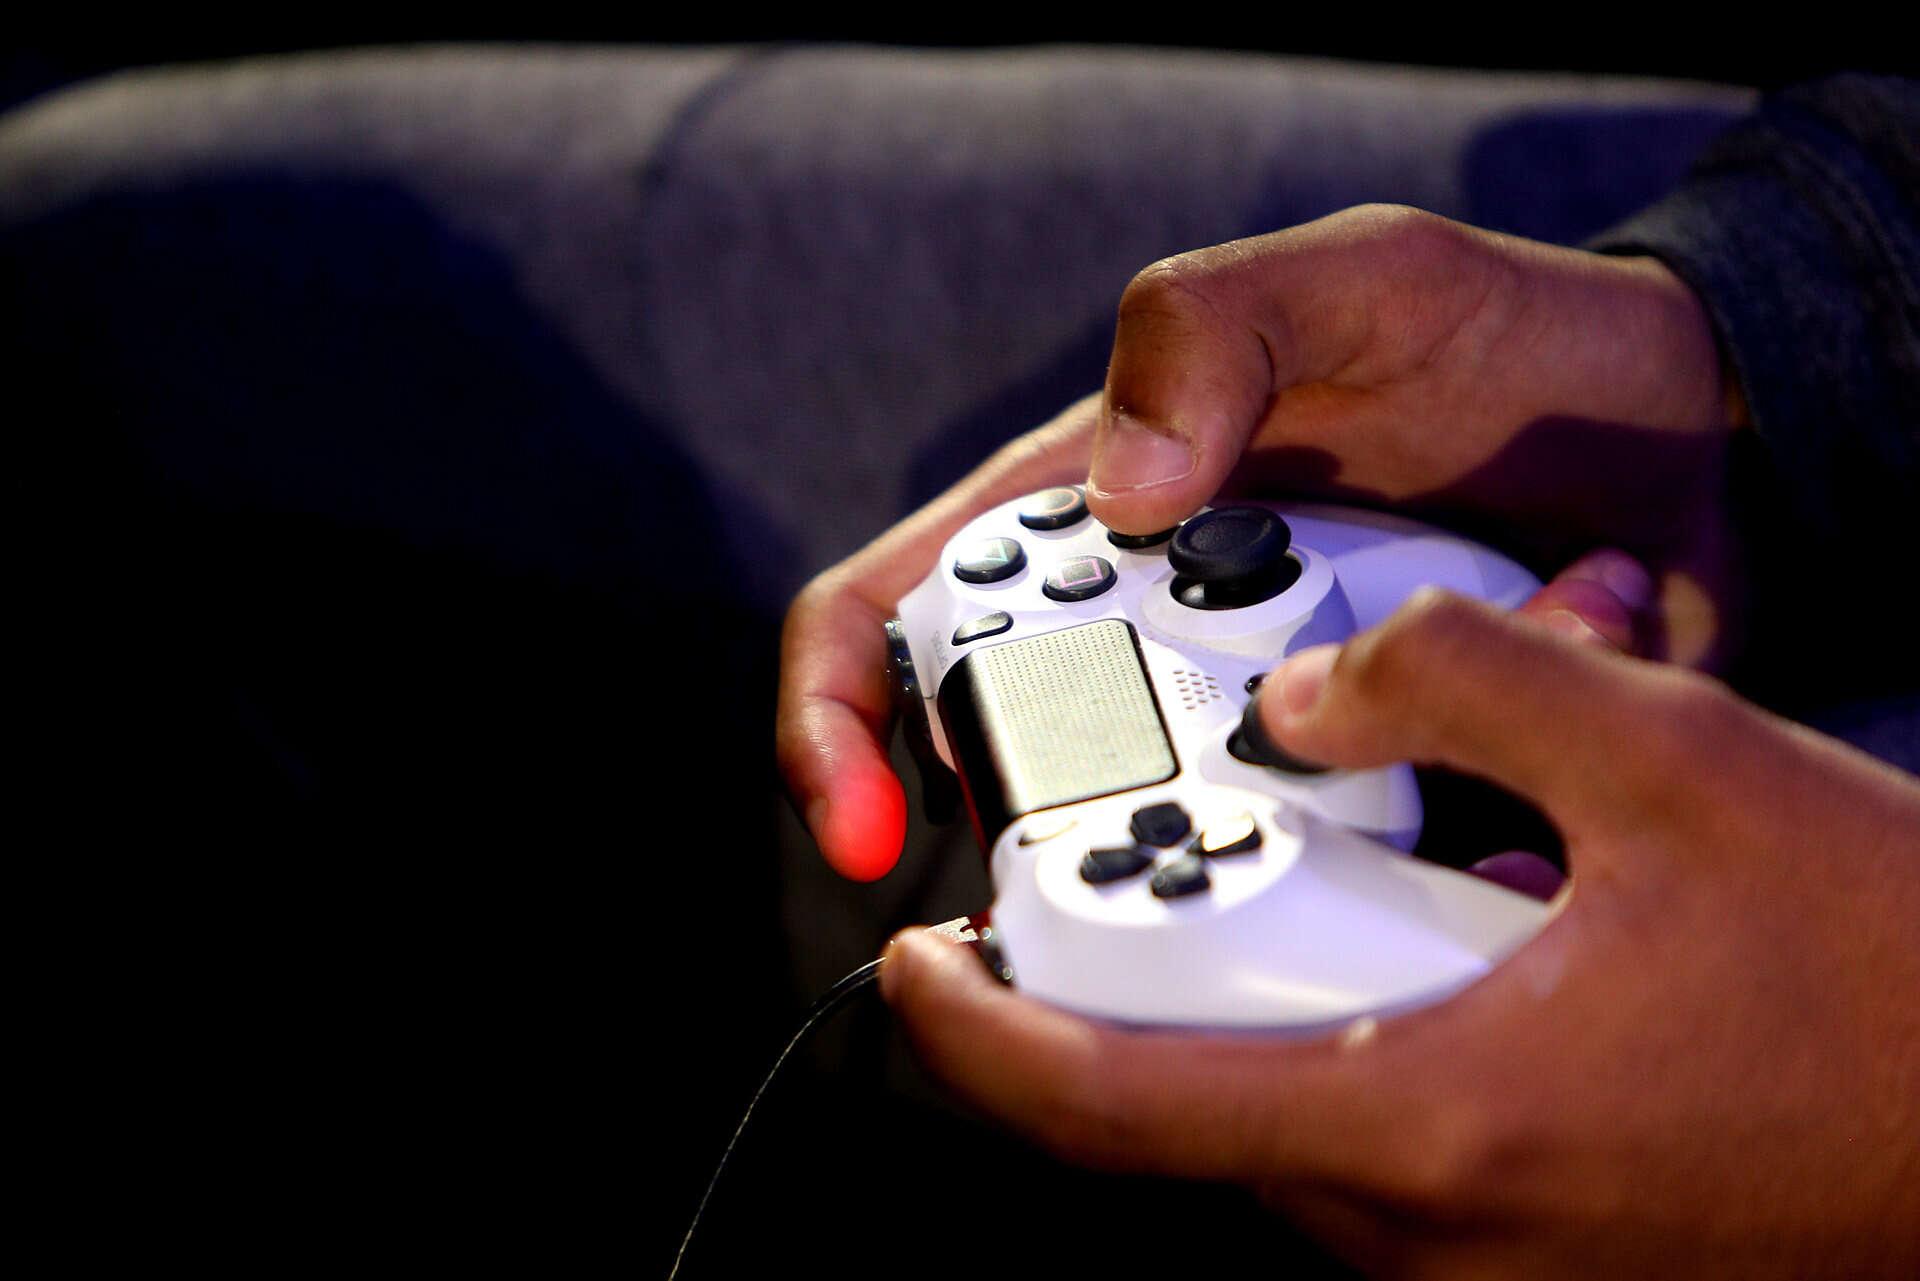 בכיר חשף: הדמויות במשחק ה-PS4 שומרות שבת